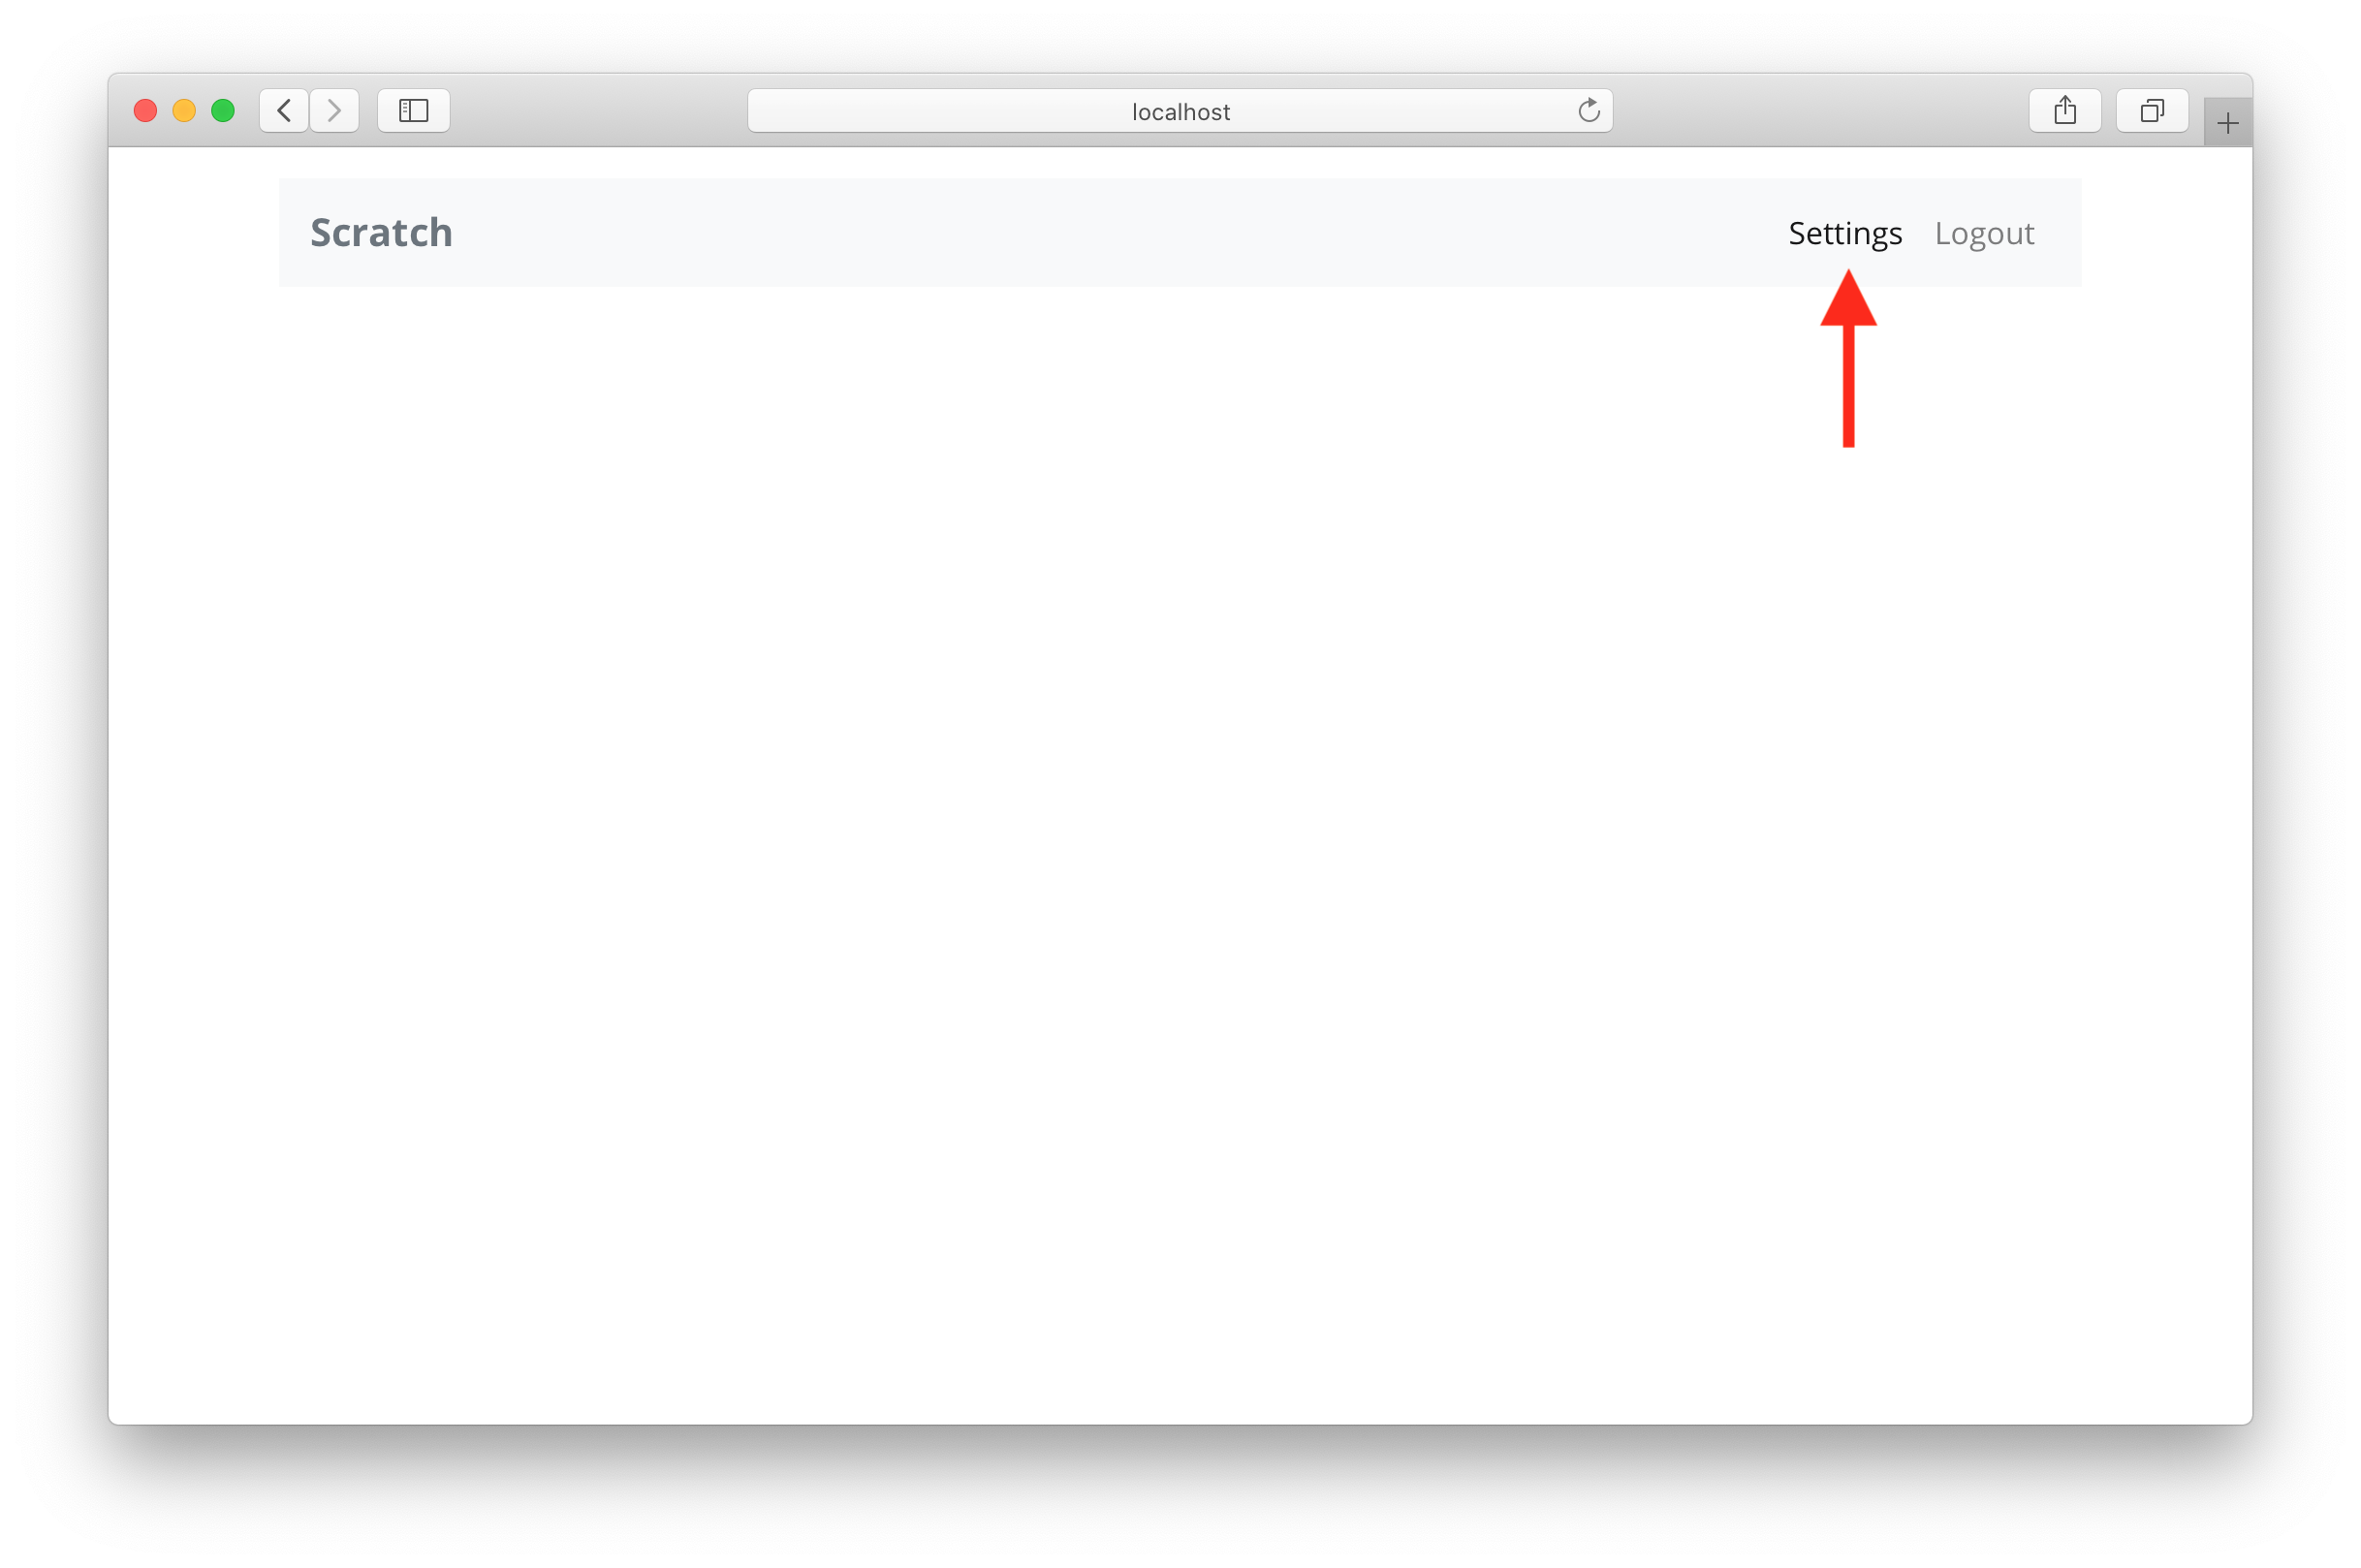 Add empty settings page screenshot